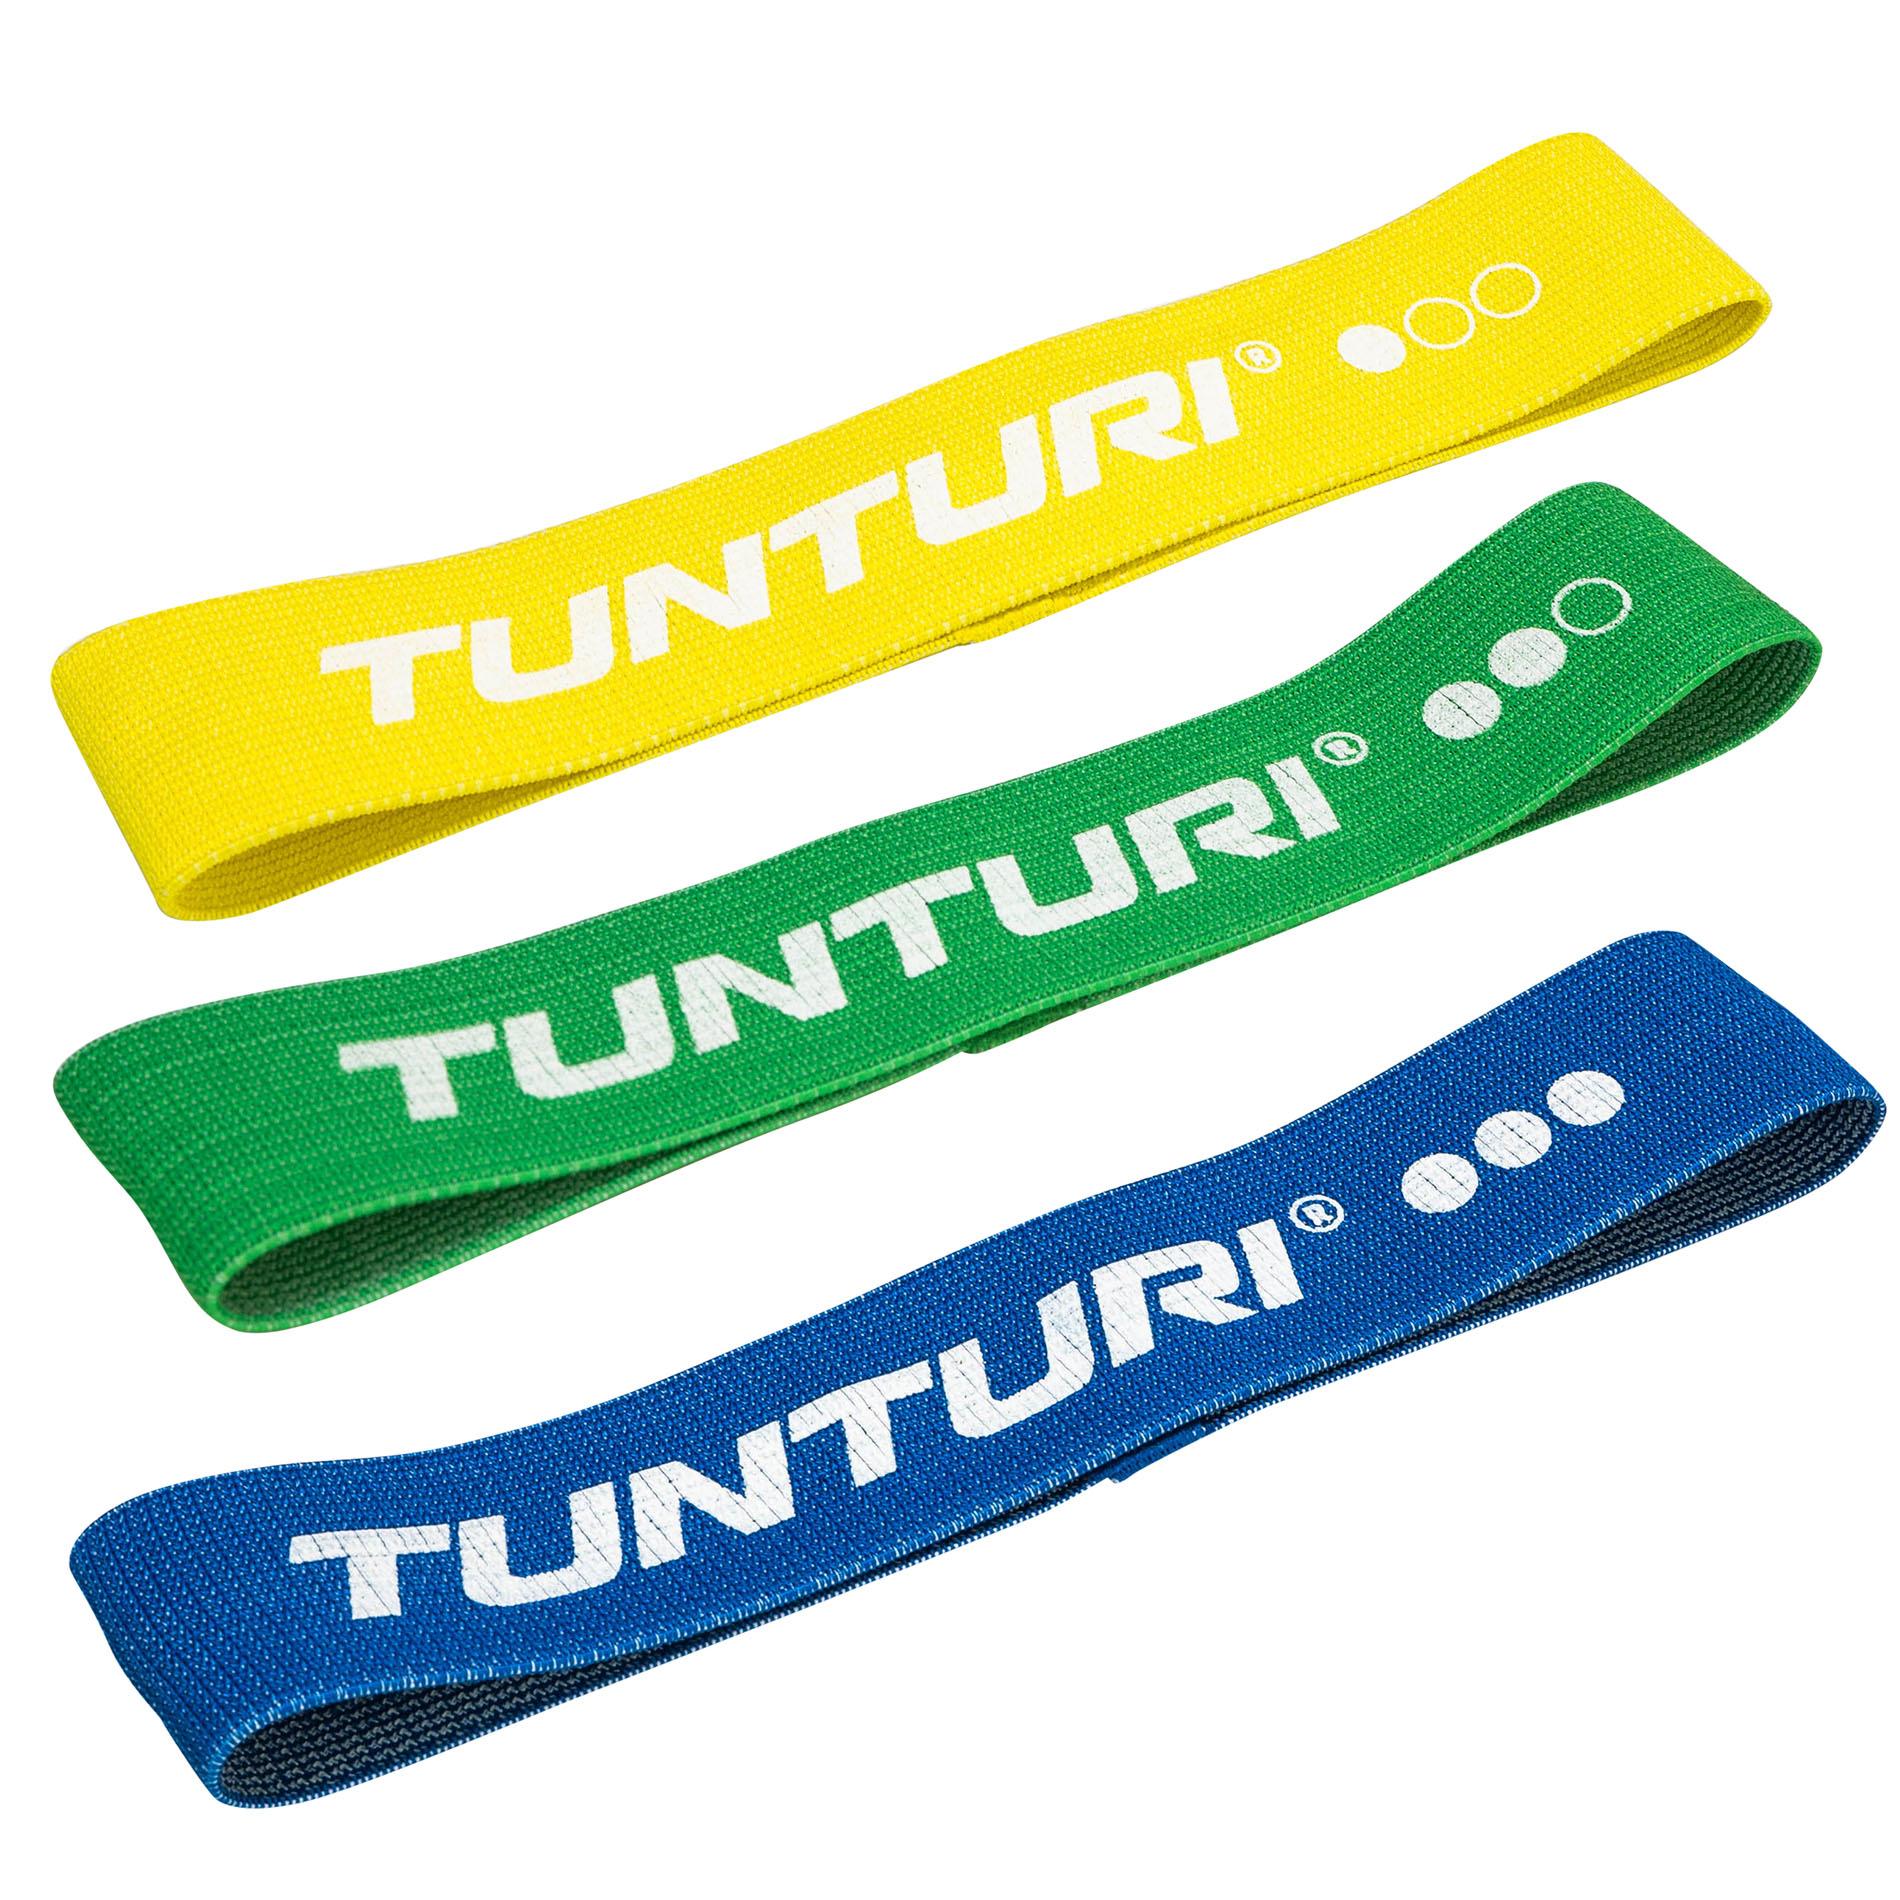 Textile Resistance Band set, 3 Pieces